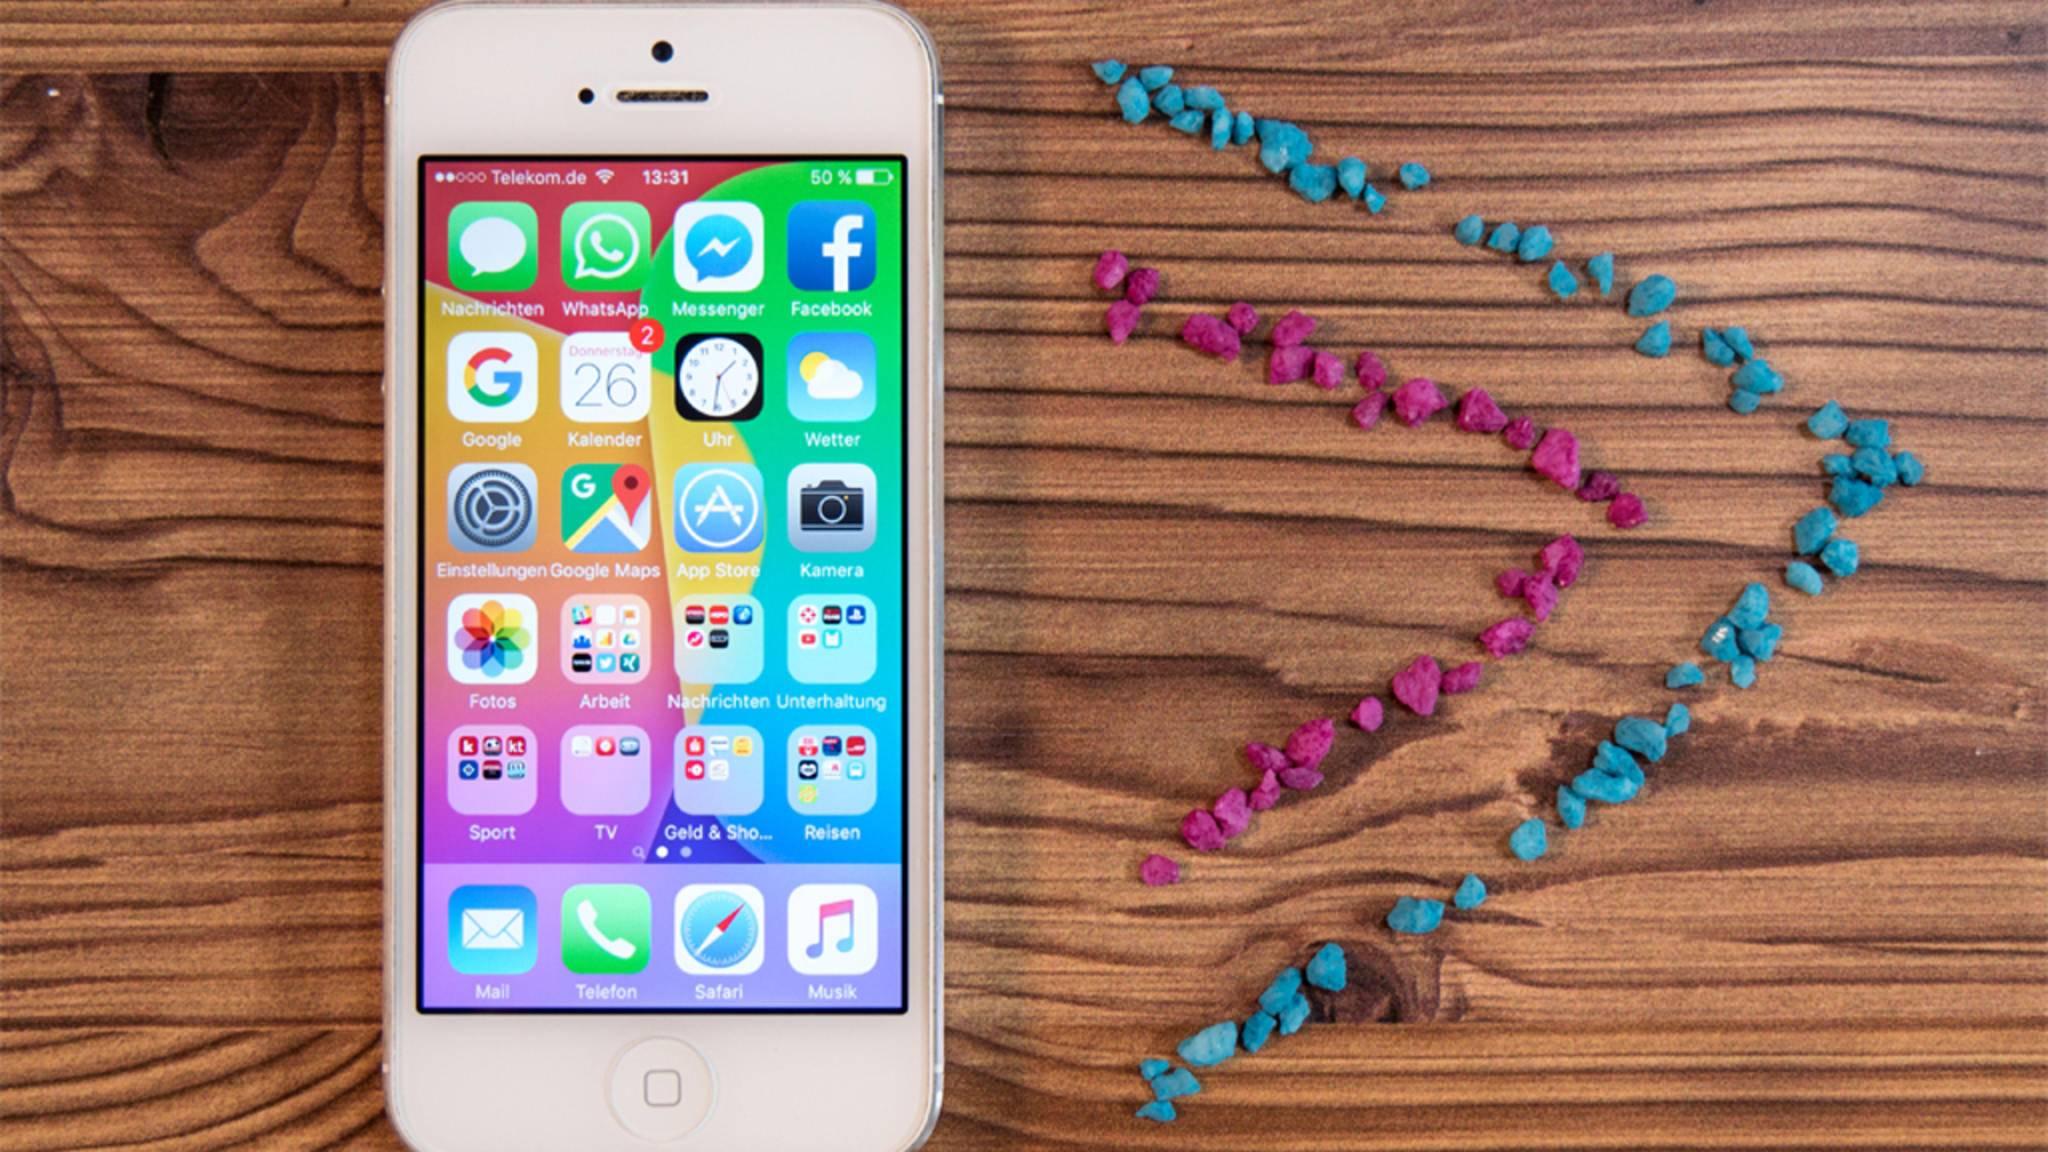 Die Erstellung eines Ordners auf dem iPhone ist nicht offensichtlich.